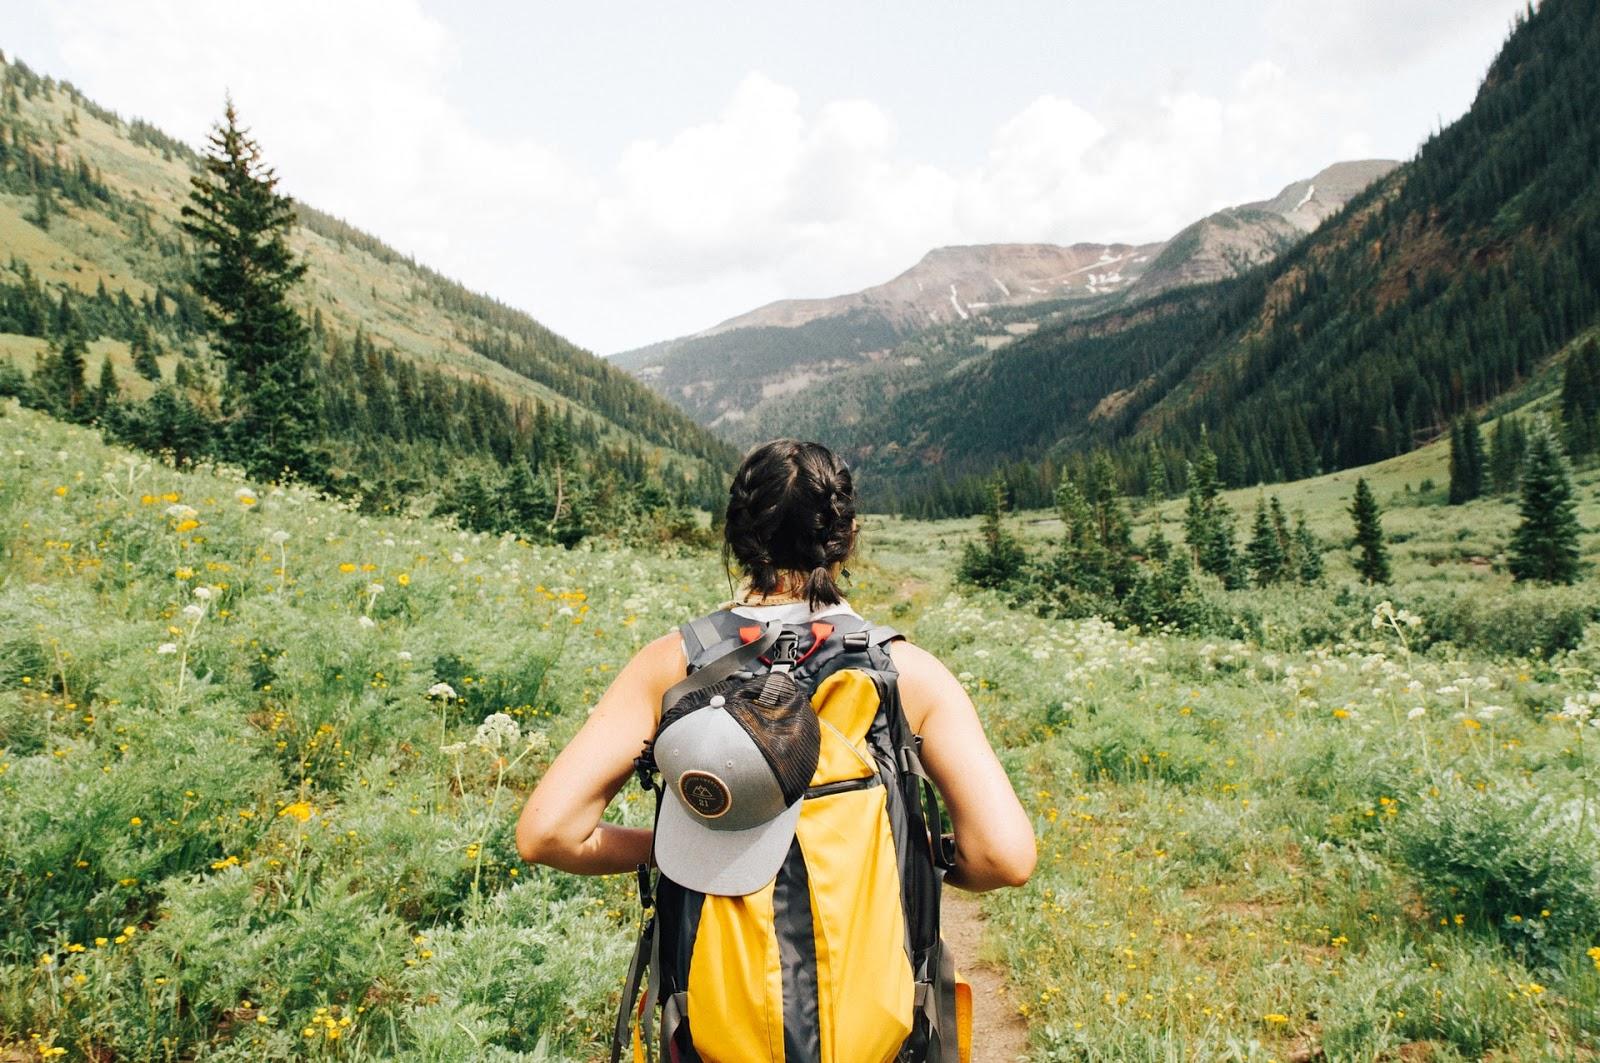 female hiking through trail